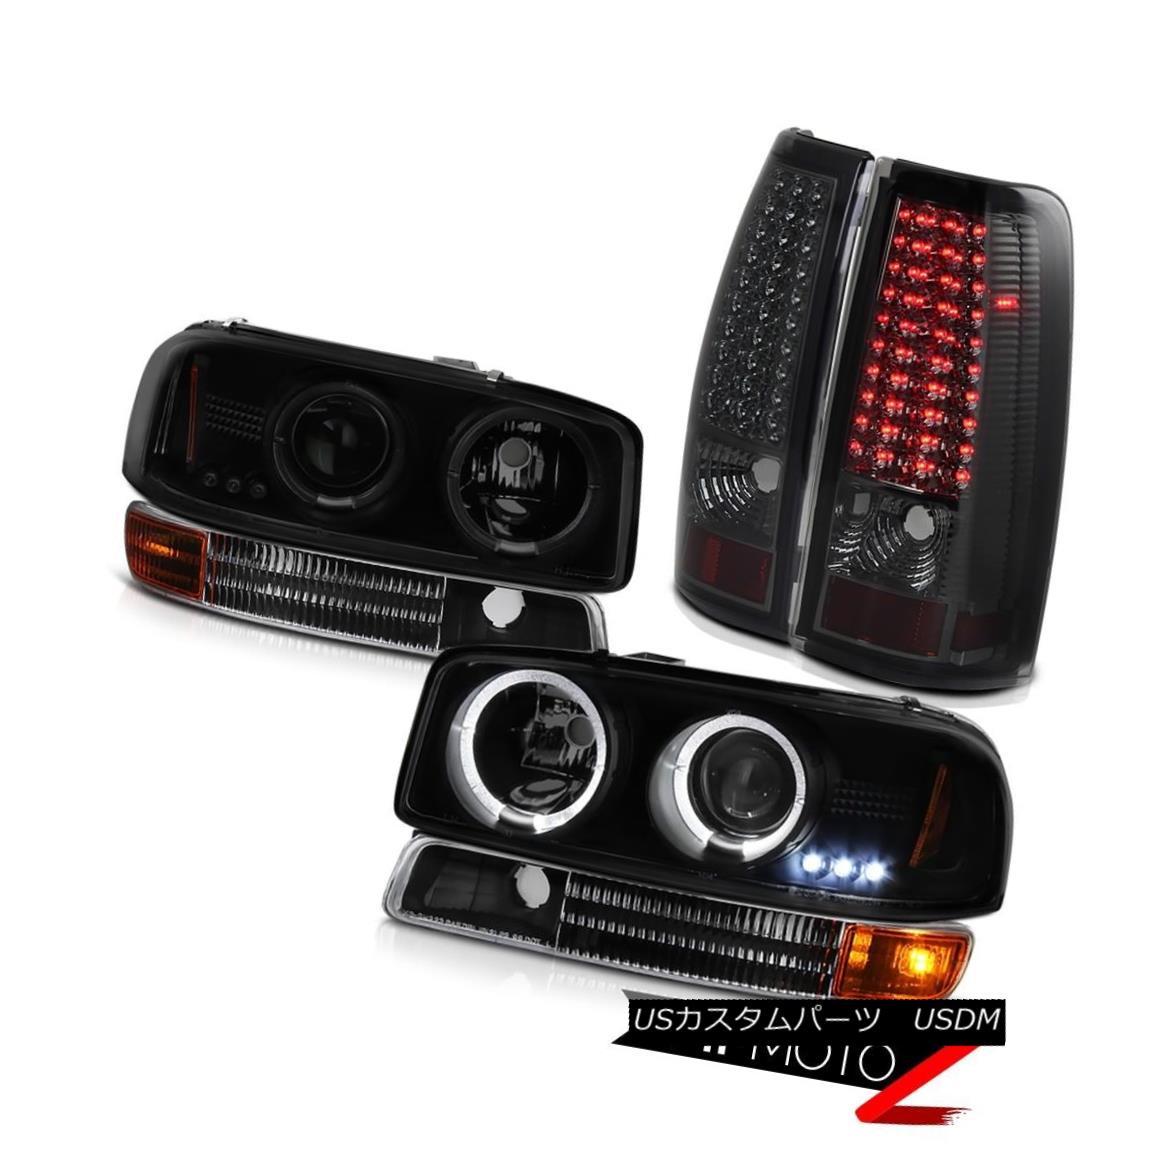 テールライト 99-03 Sierra WT Halo SINSTER BLACK Headlights Matte Parking Signal Tail Lights 99-03 Sierra with Halo SINISTER BLACKヘッドライトマットパーキング信号テールライト